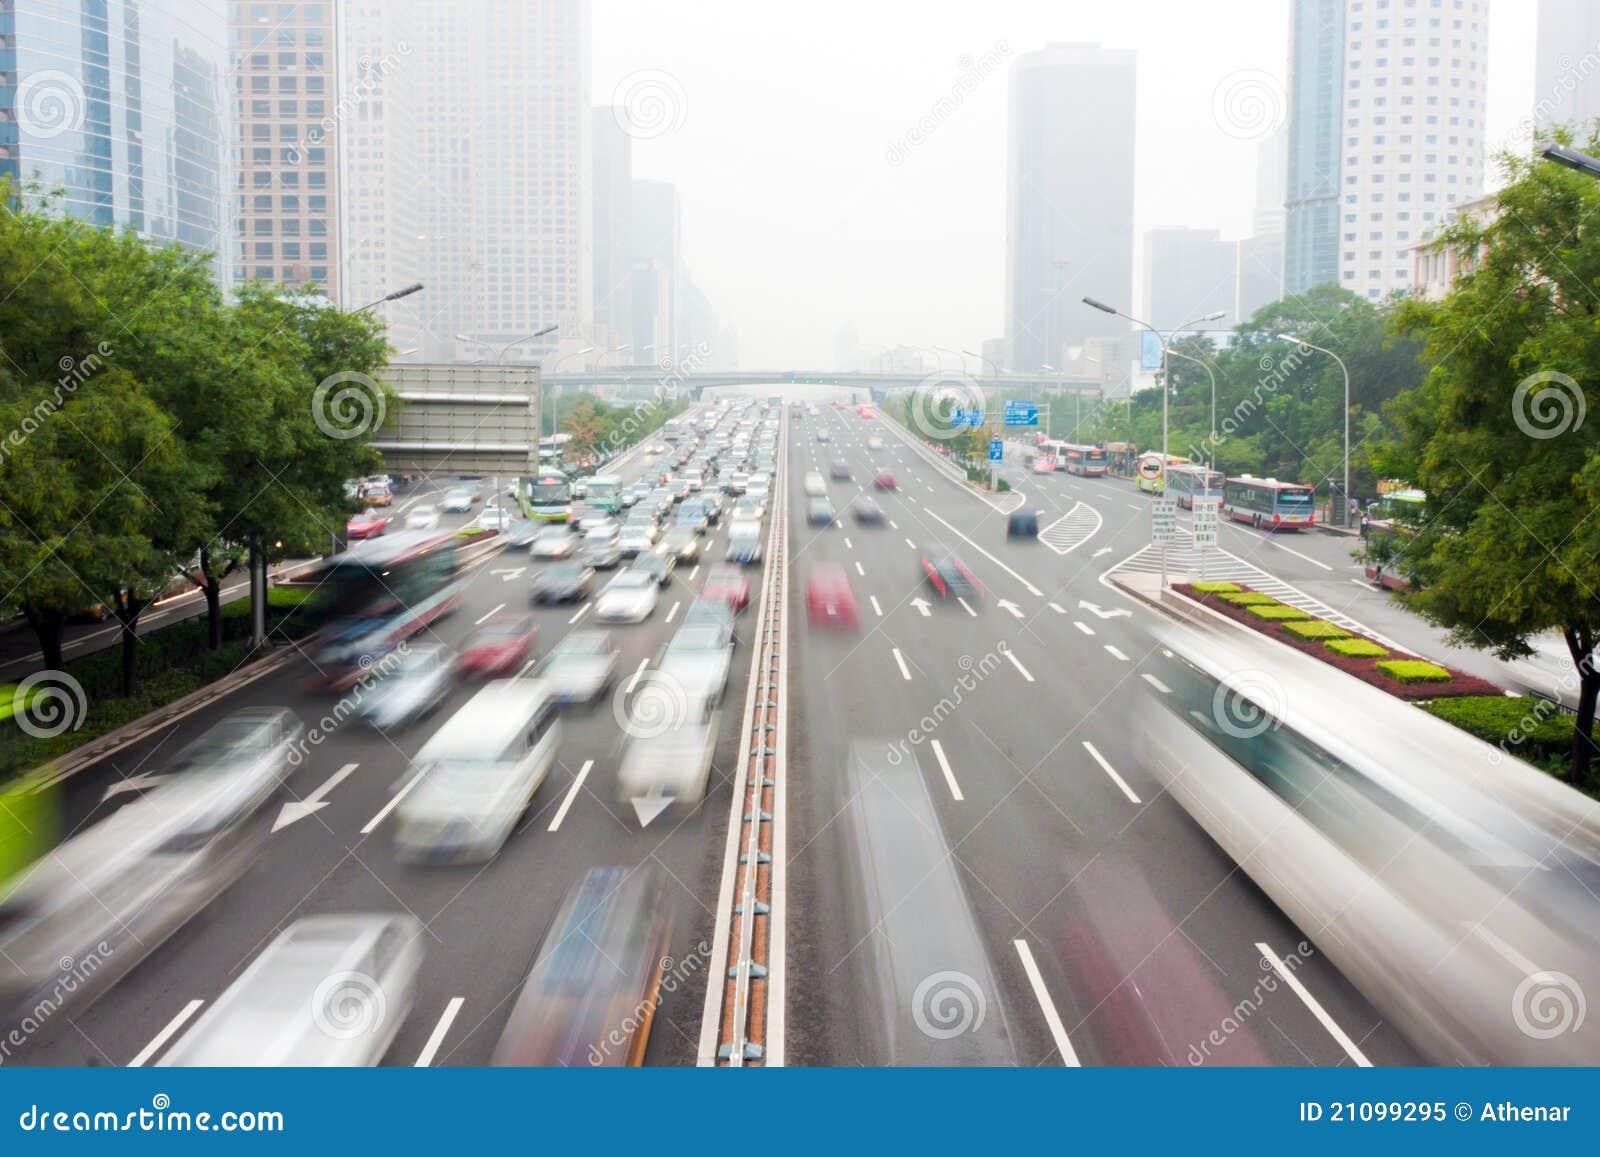 Pekings städtischer Verkehr